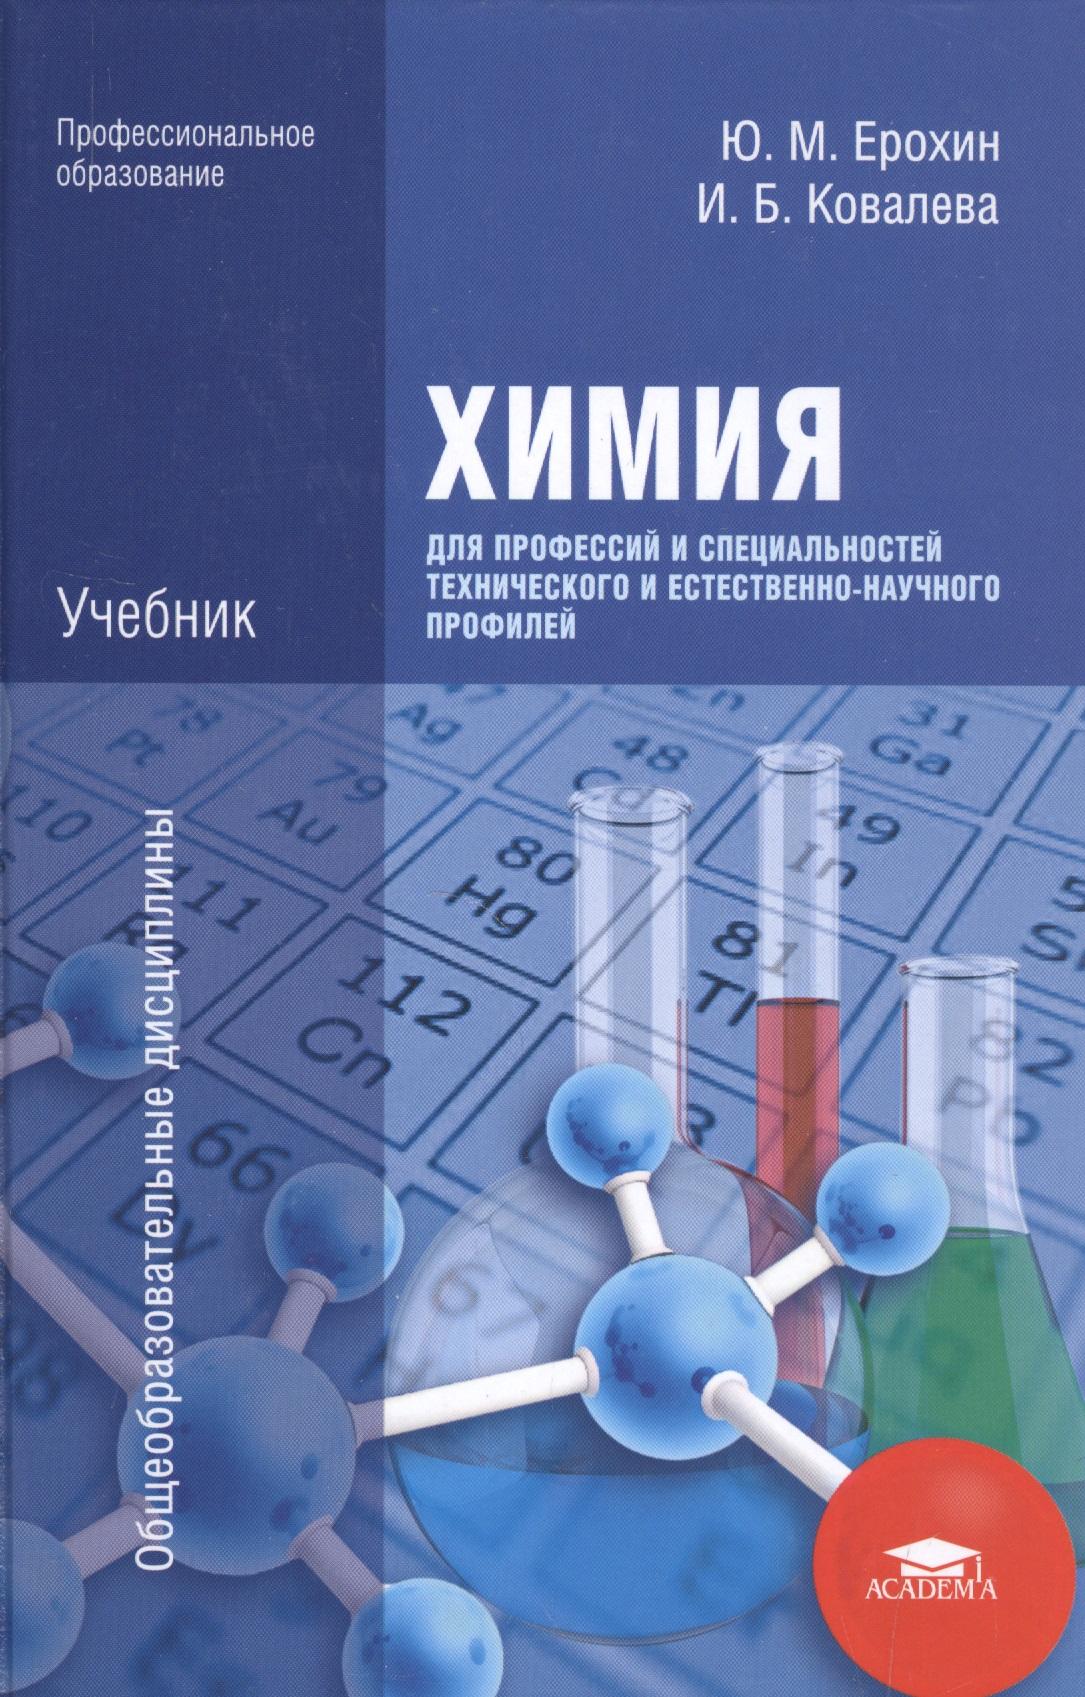 Гдз по химии ю. м. ерохин